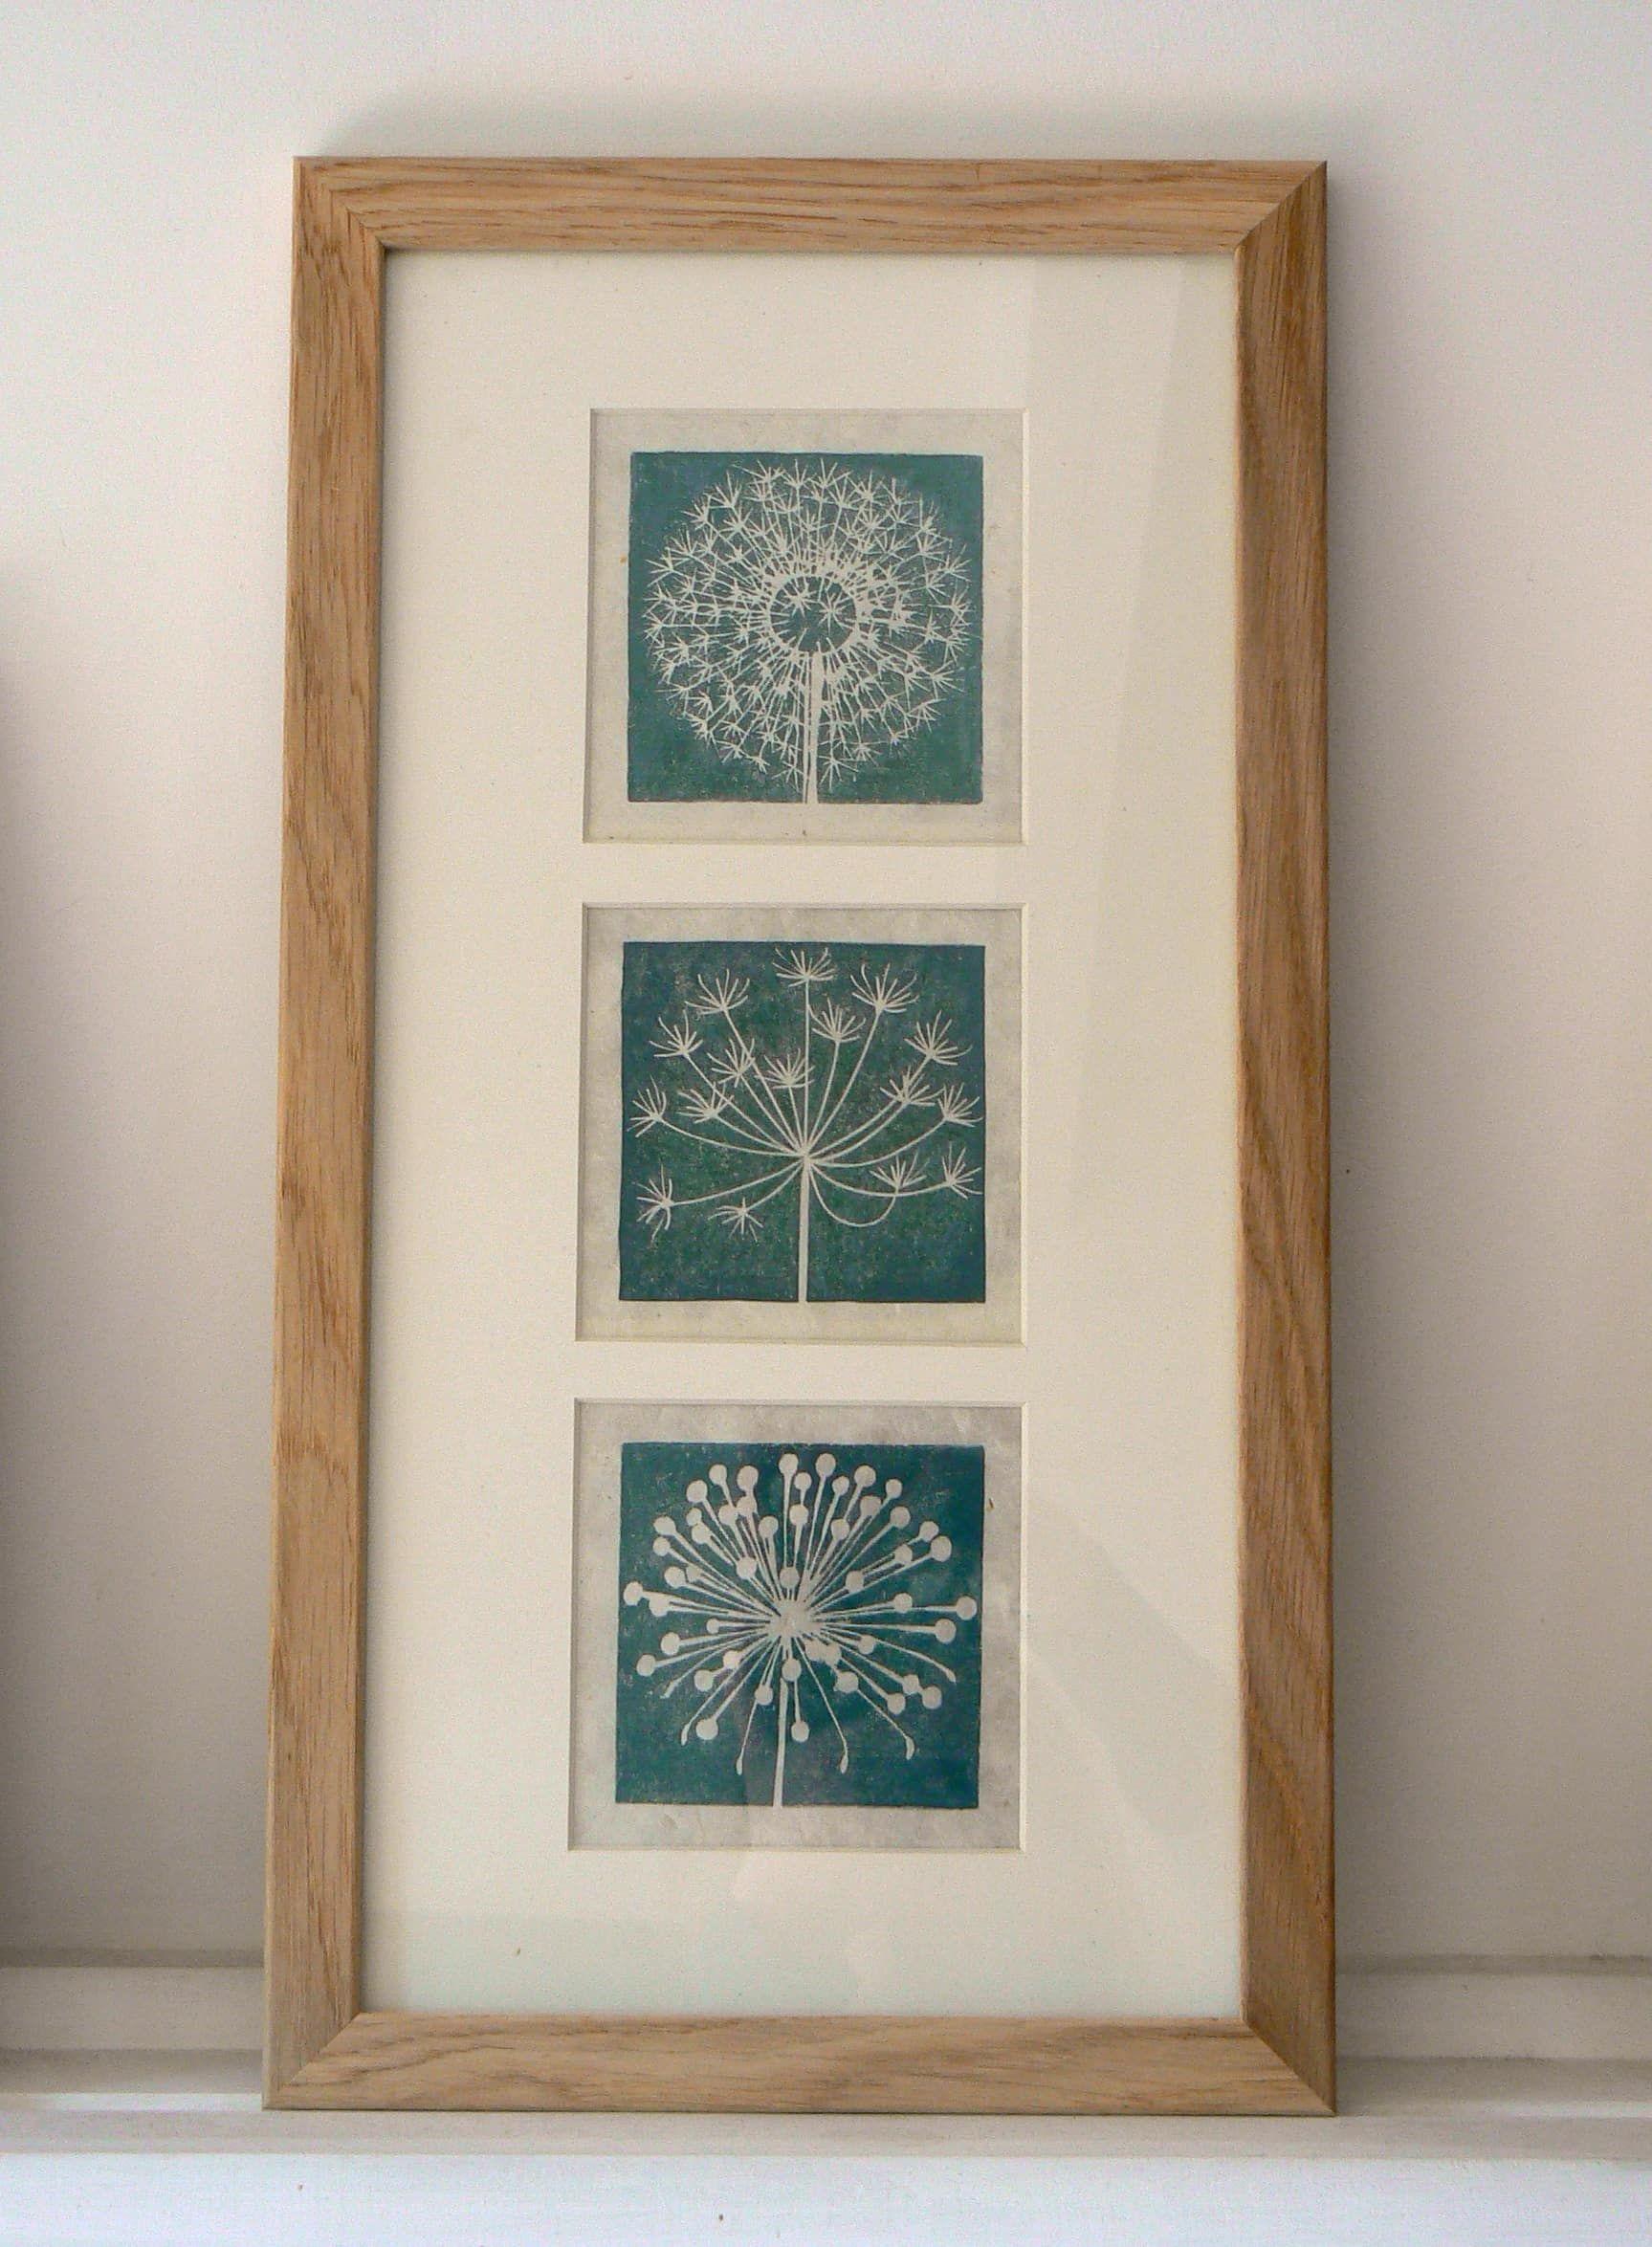 Dandelion Seedhead Mini Lino Print Linocut Prints Lino